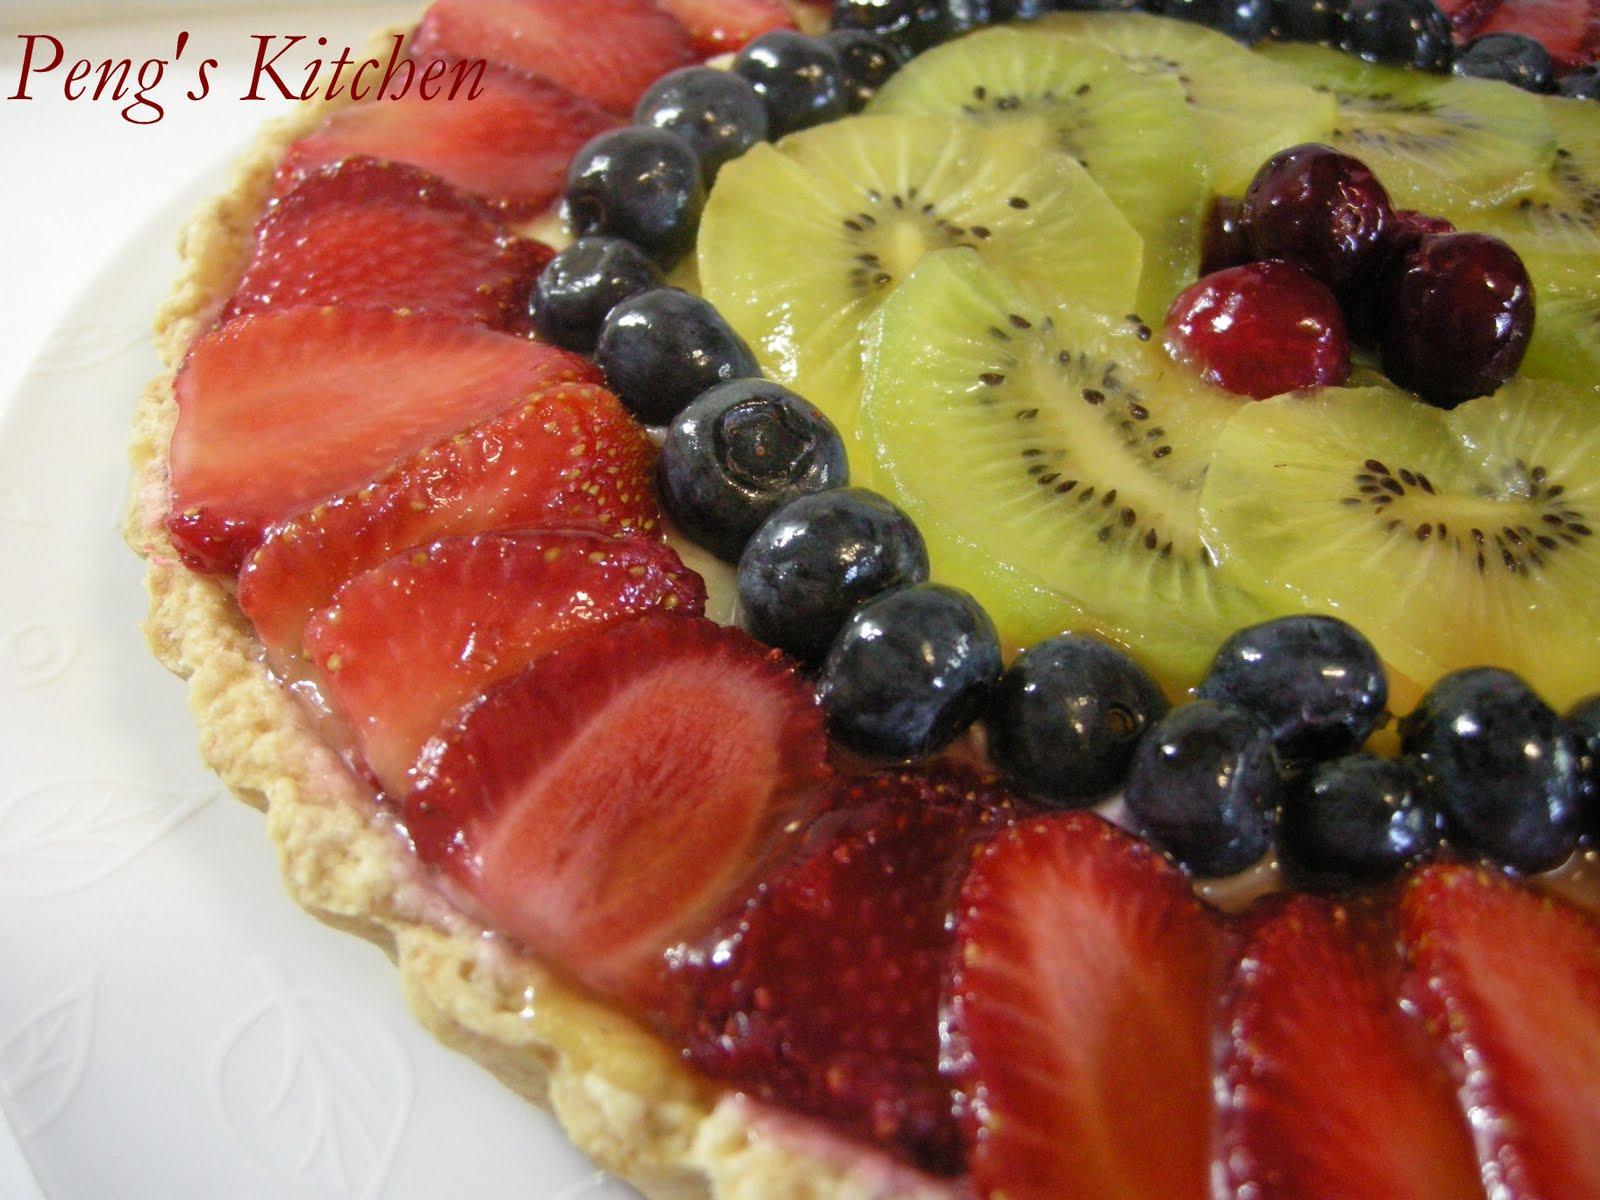 peng 39 s kitchen fresh fruit tart. Black Bedroom Furniture Sets. Home Design Ideas